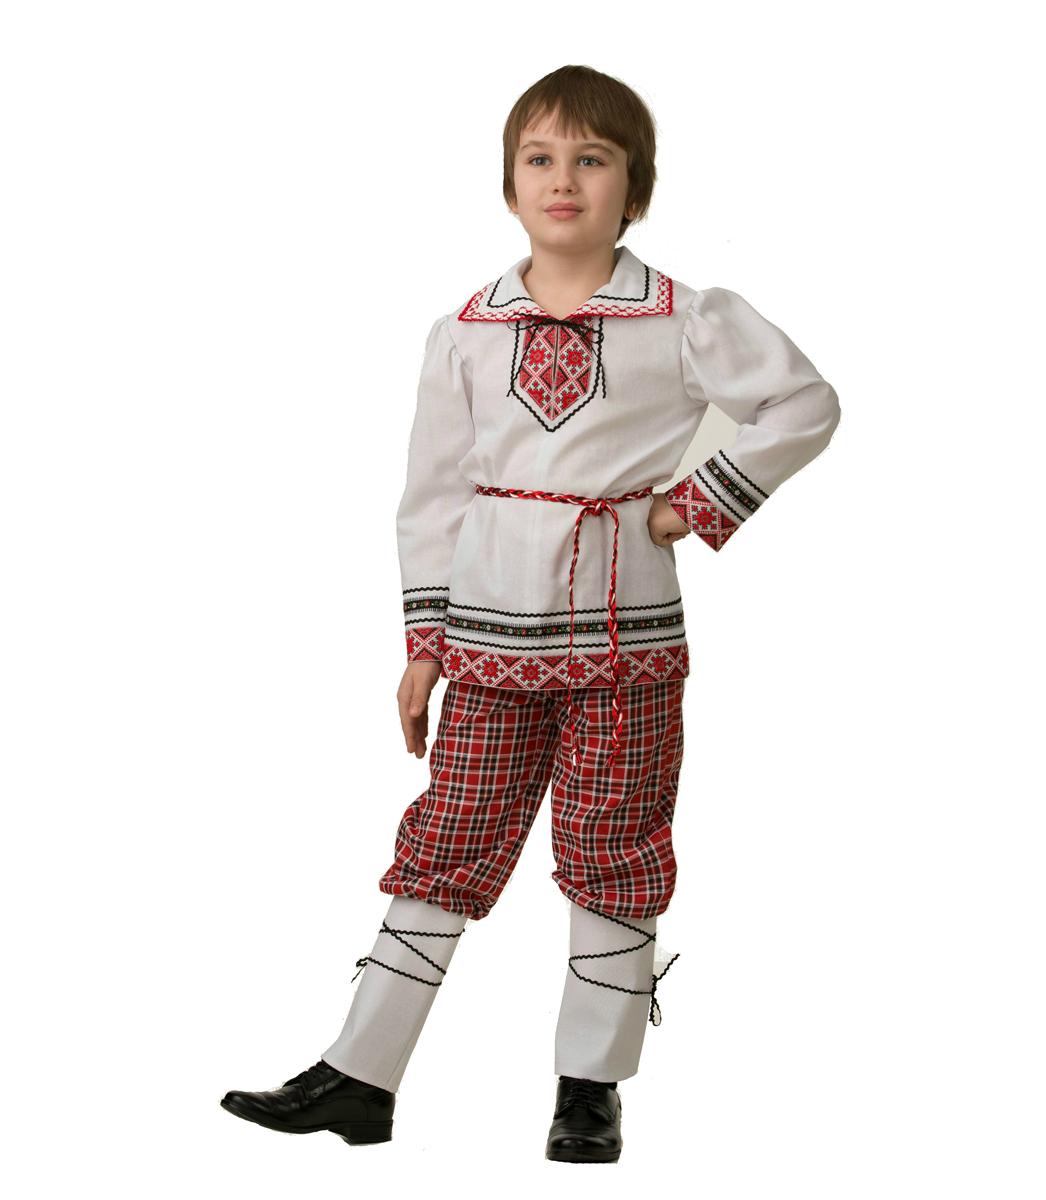 Батик Костюм карнавальный для мальчика Национальный костюм Рубашка Вышиванка размер 30